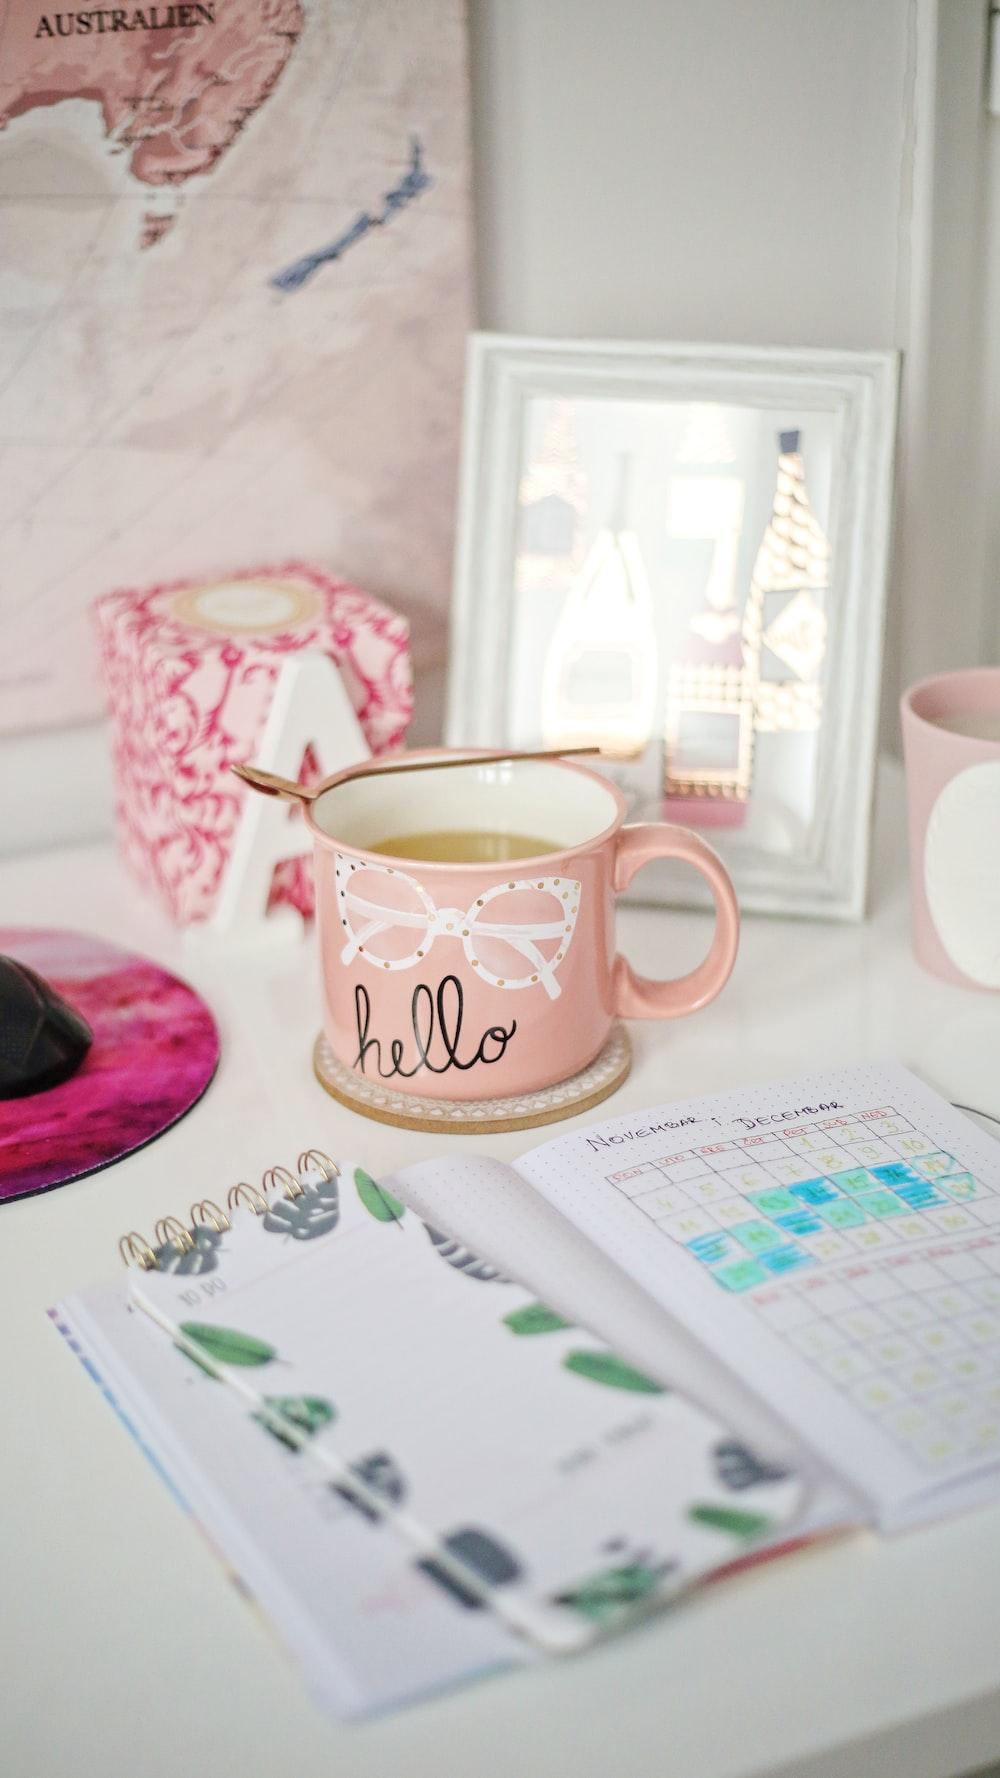 pink and white Hello ceramic mug